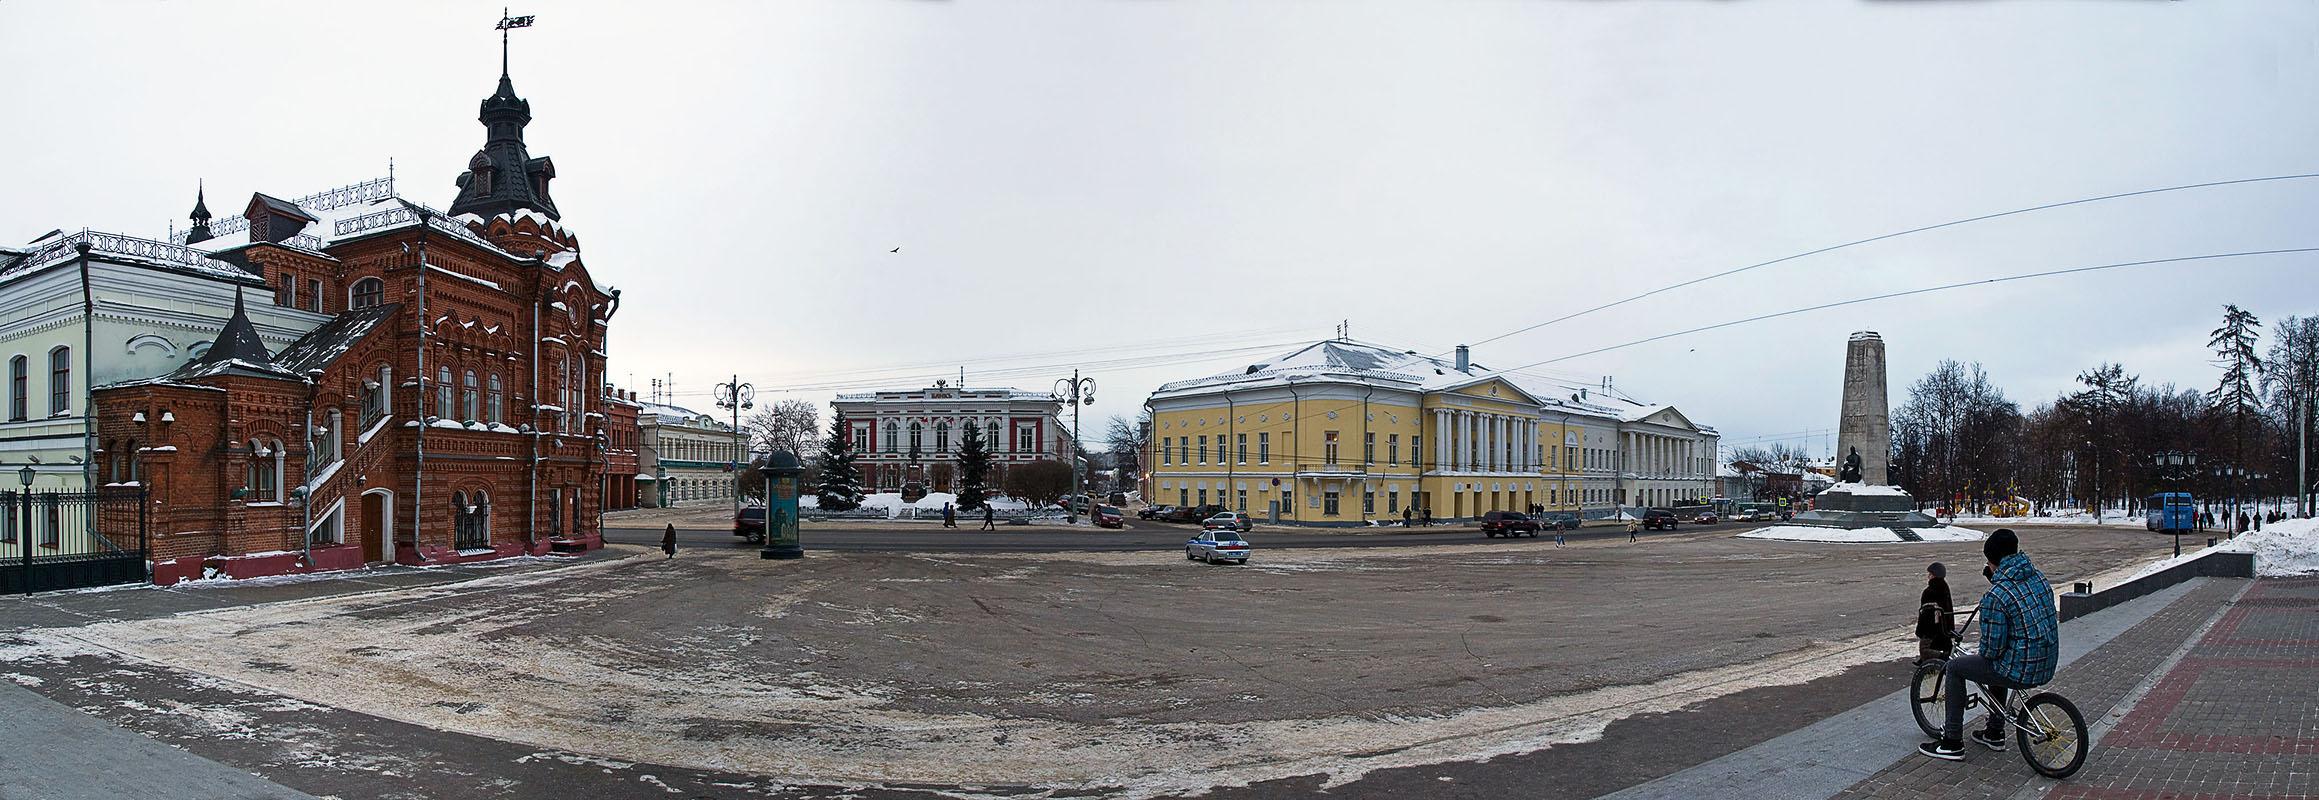 Грузоперевозки из Москвы во Владимир